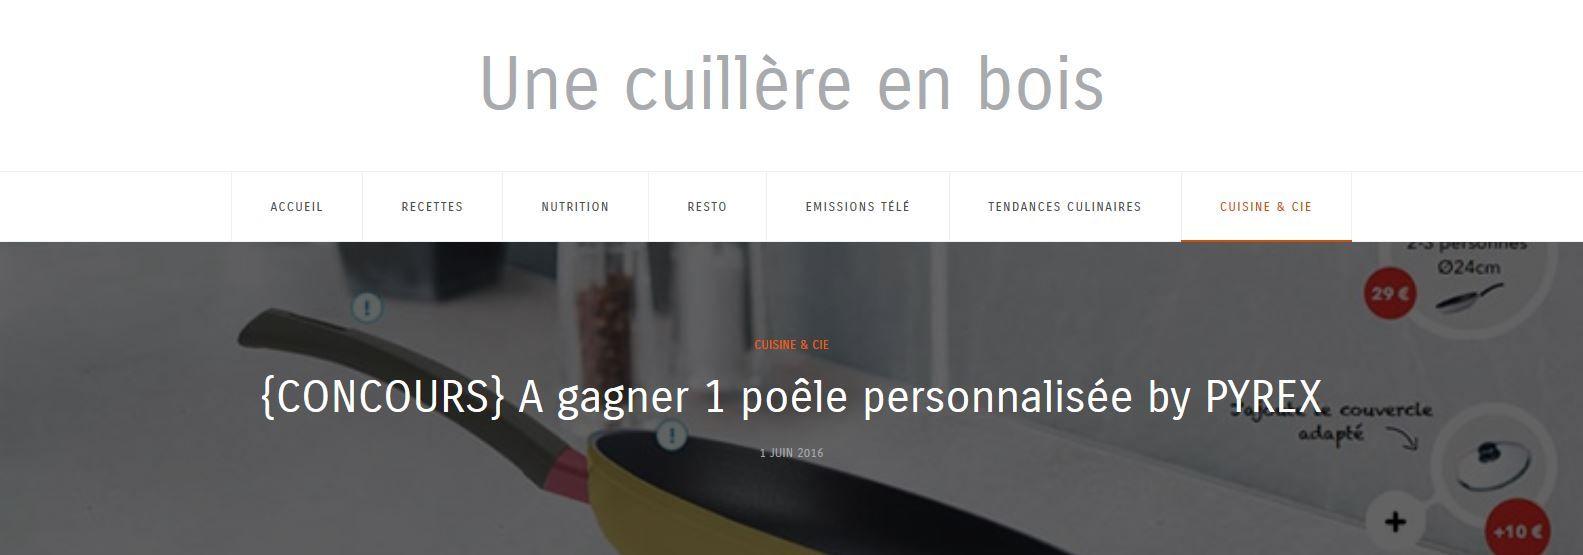 {CONCOURS} A gagner 1 poêle personnalisée by PYREX Avec @1cuillereenbois